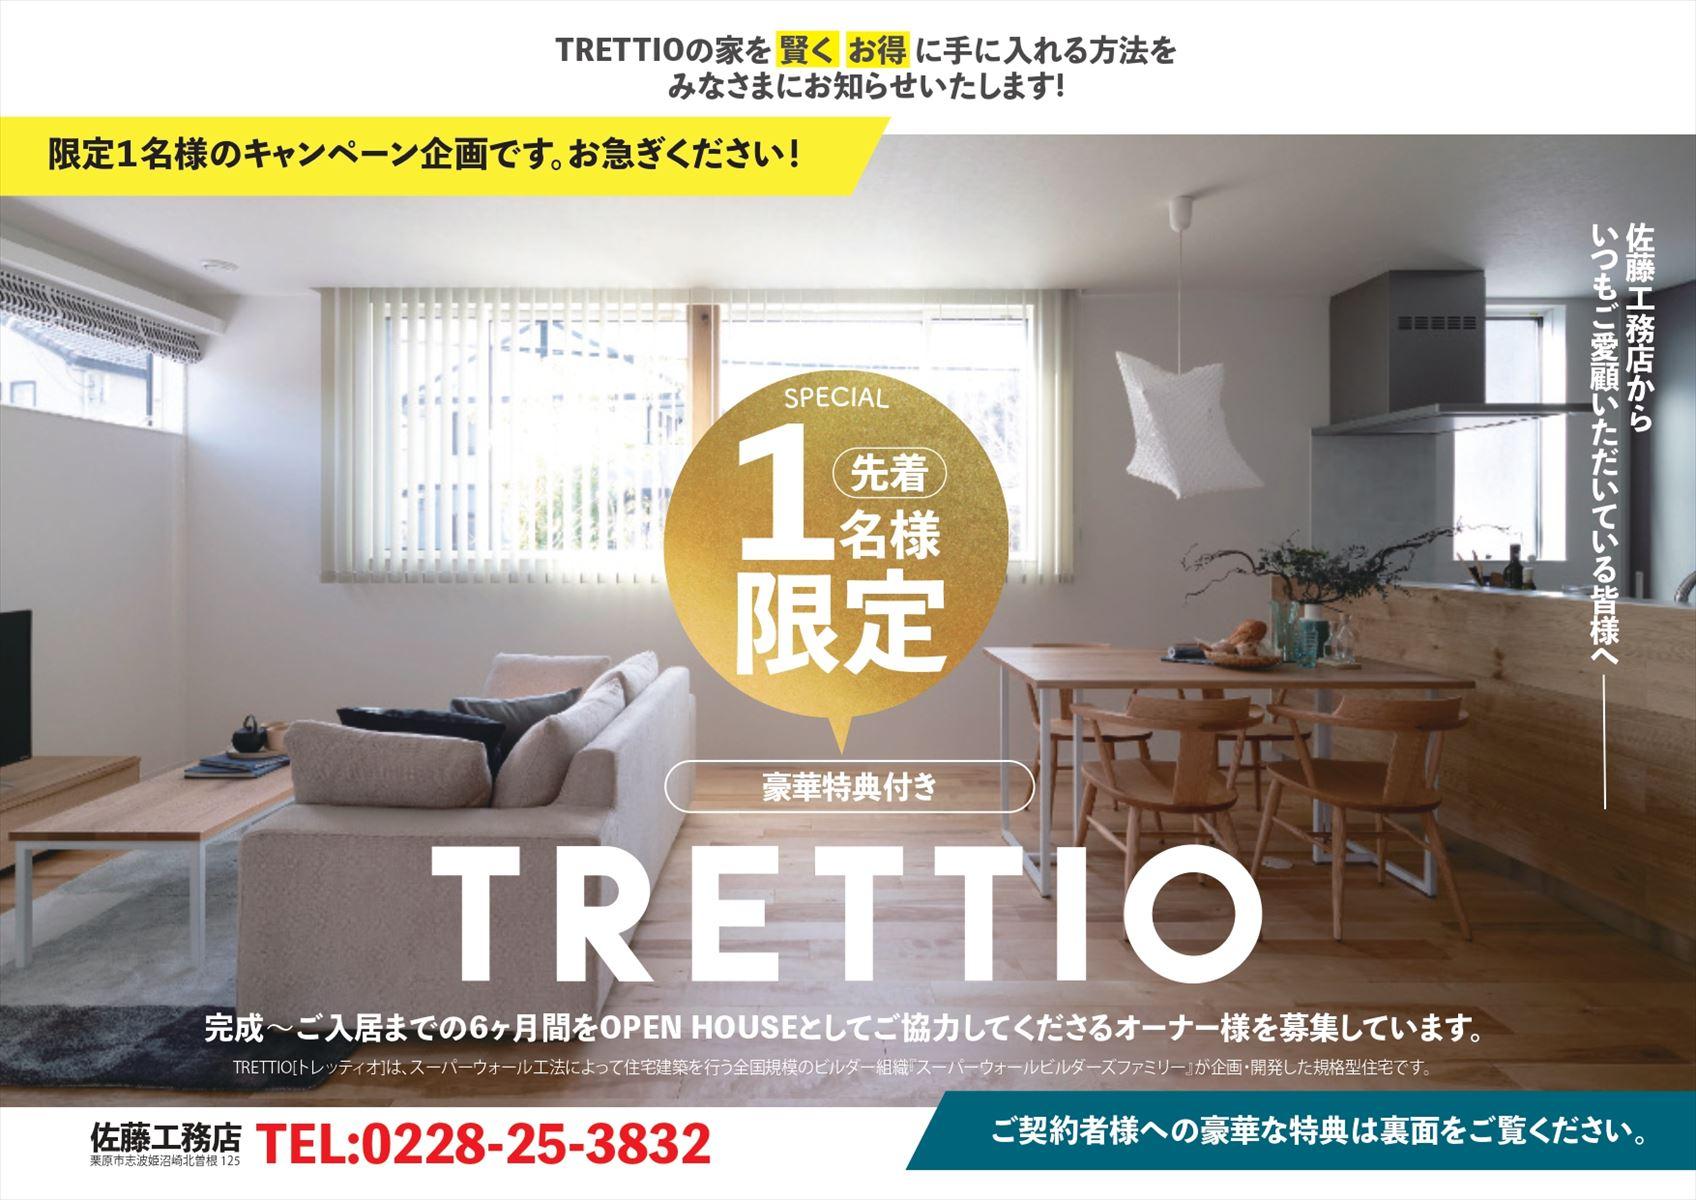 TRETTIOモニターキャンペーン